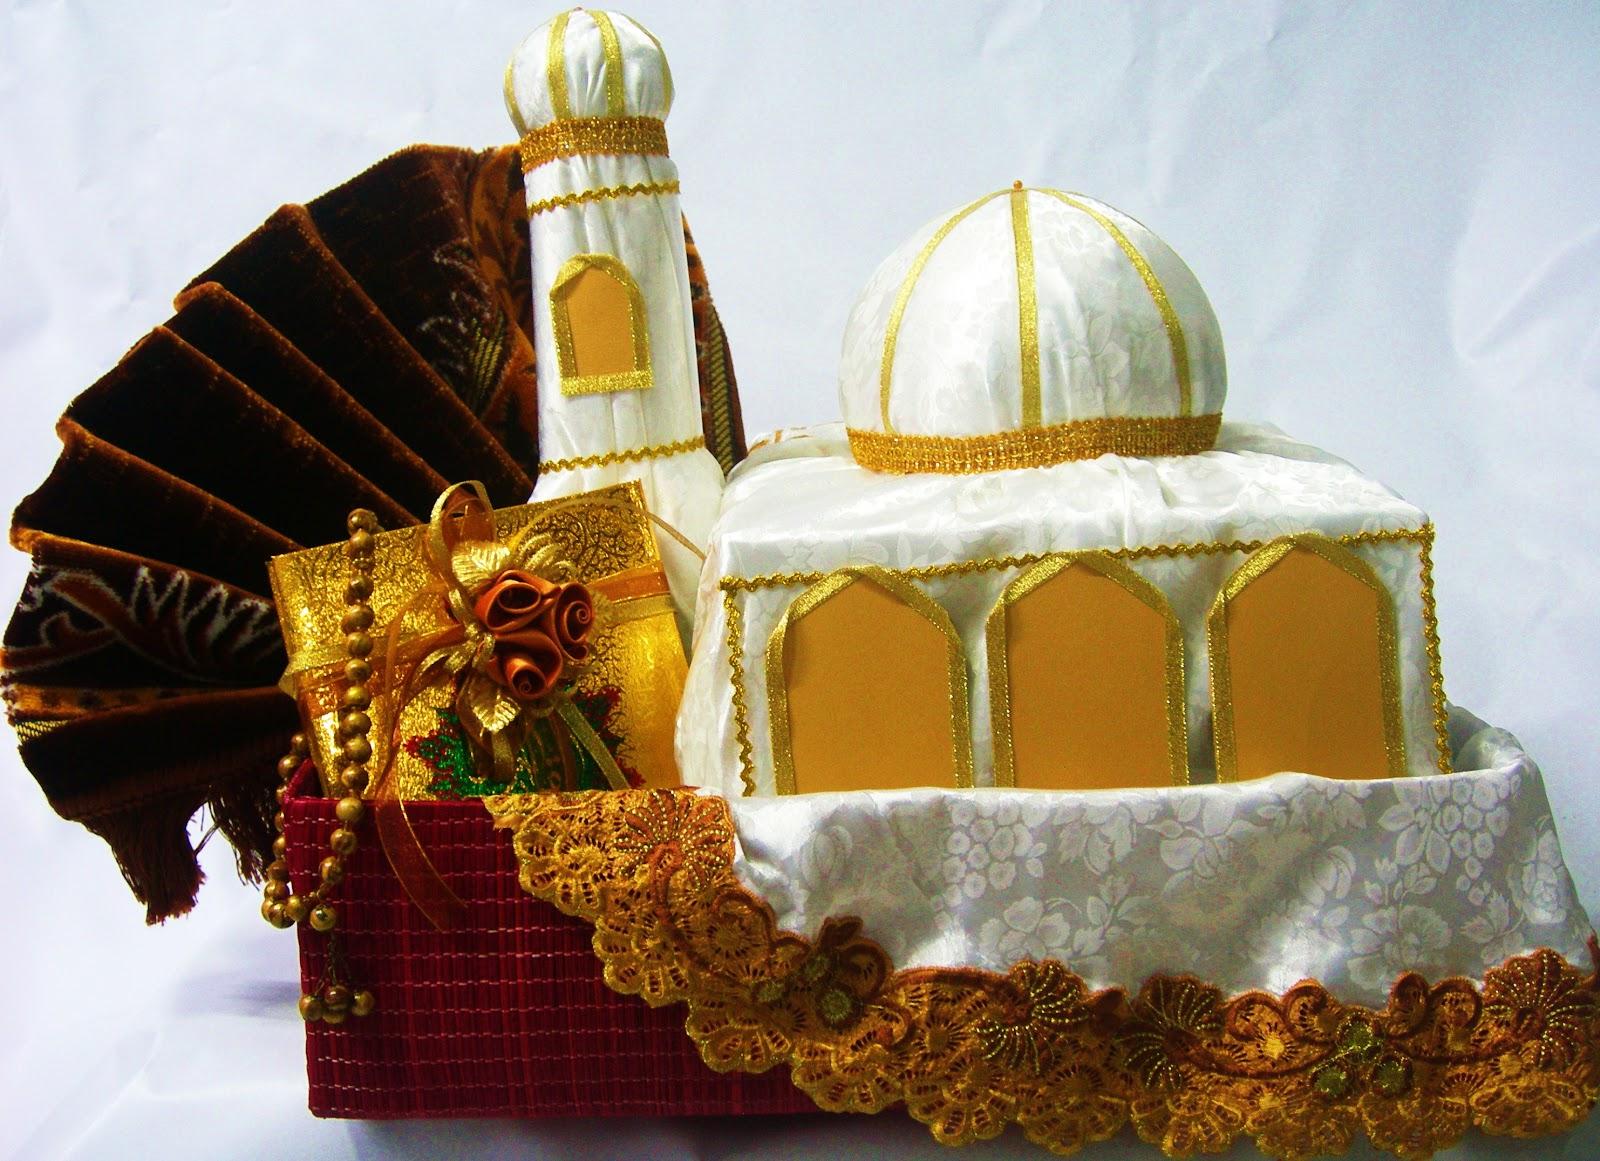 Contoh Miniatur Masjid yang sudah jadi :